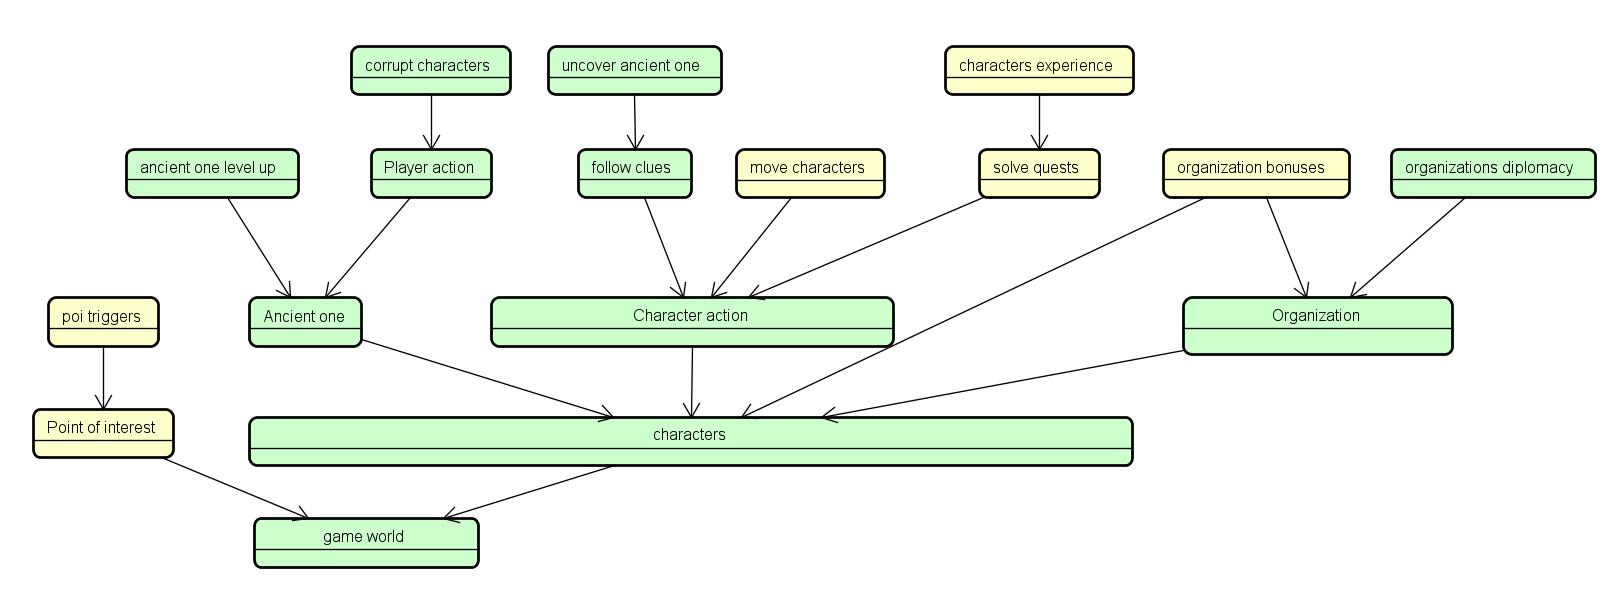 https://image.ibb.co/nHWhXJ/Statemachine_Diagram0.png